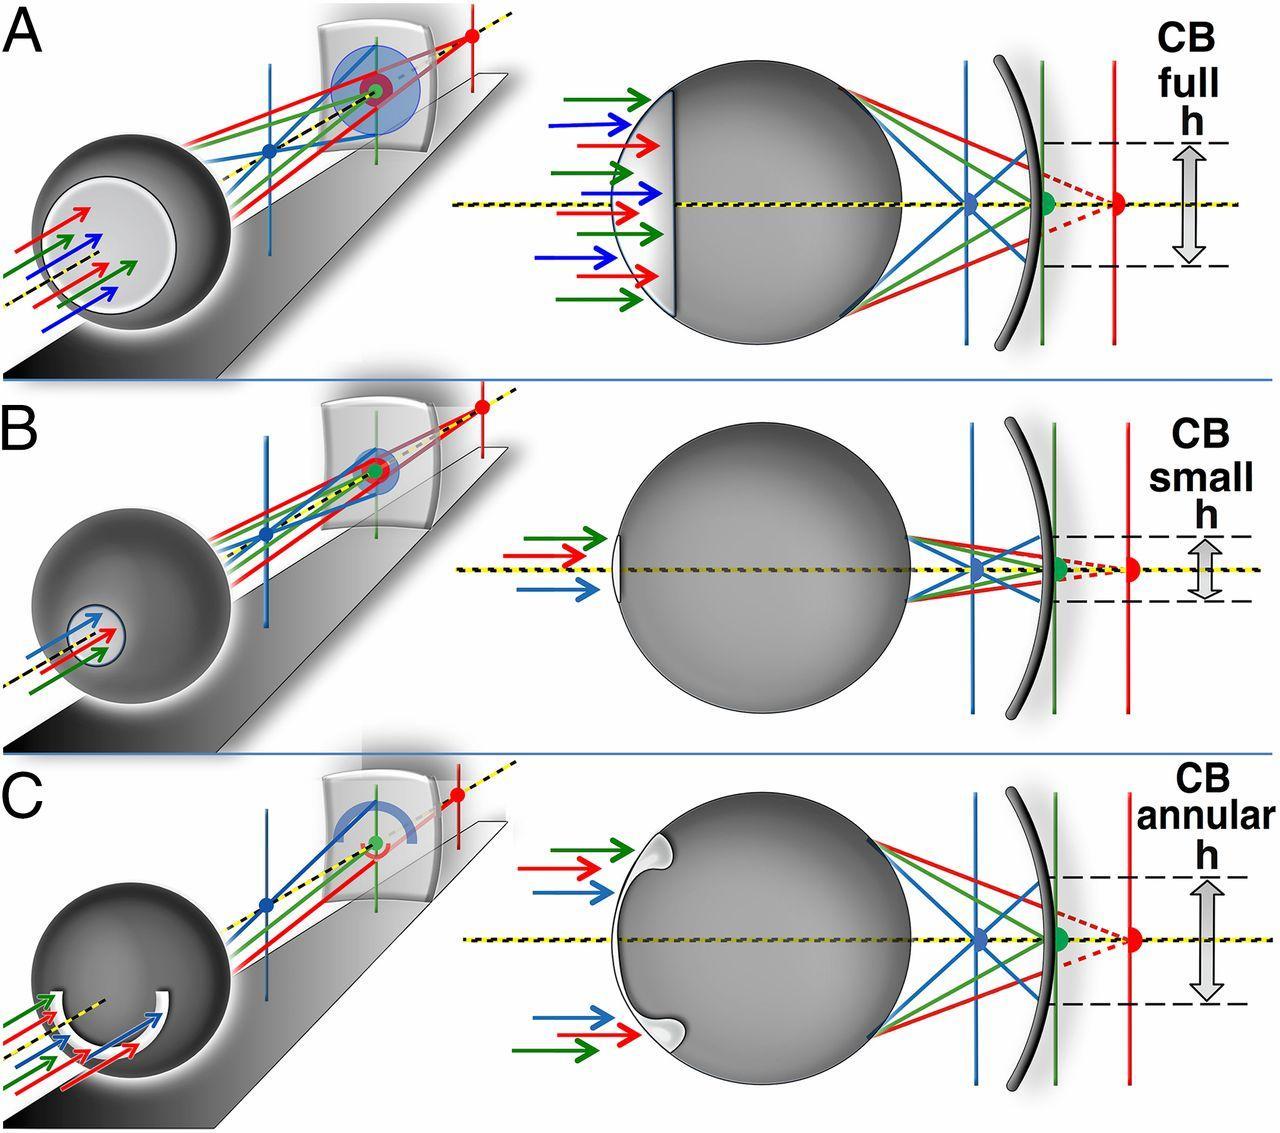 секрет цветного зрения осьминогов и каракатиц оказался связан с формой зрачка